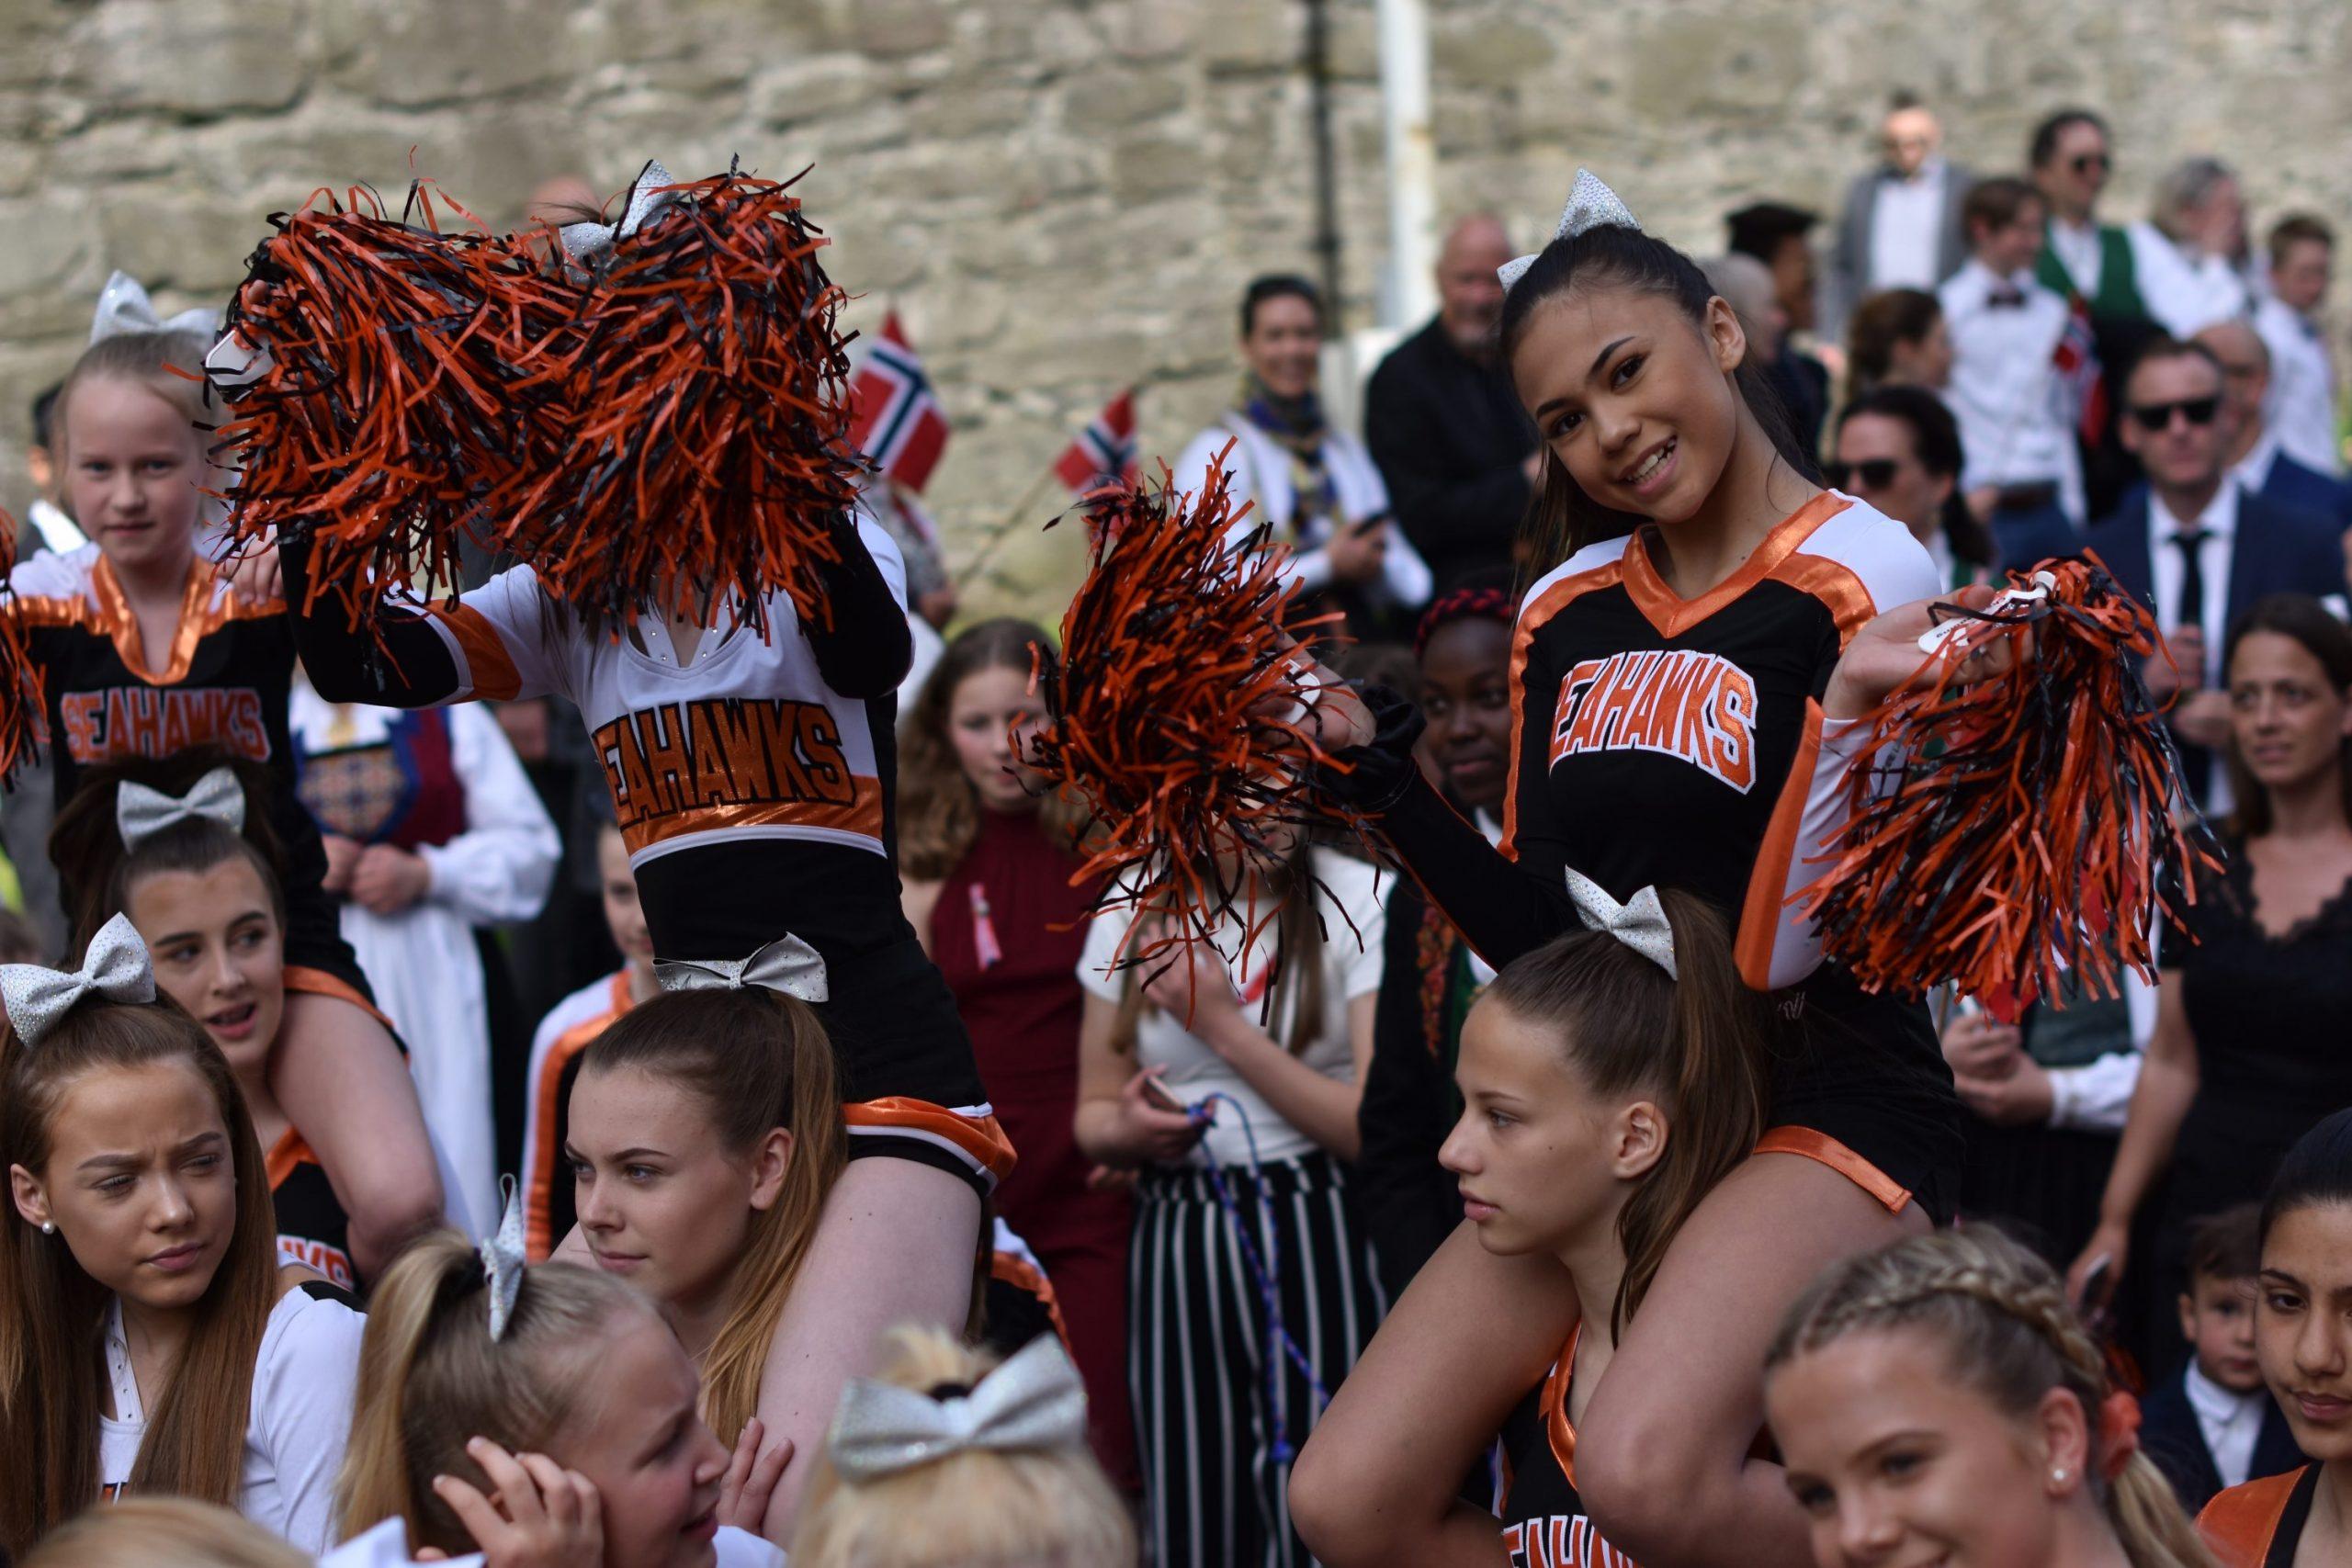 jubel für die pee wee cheerleader